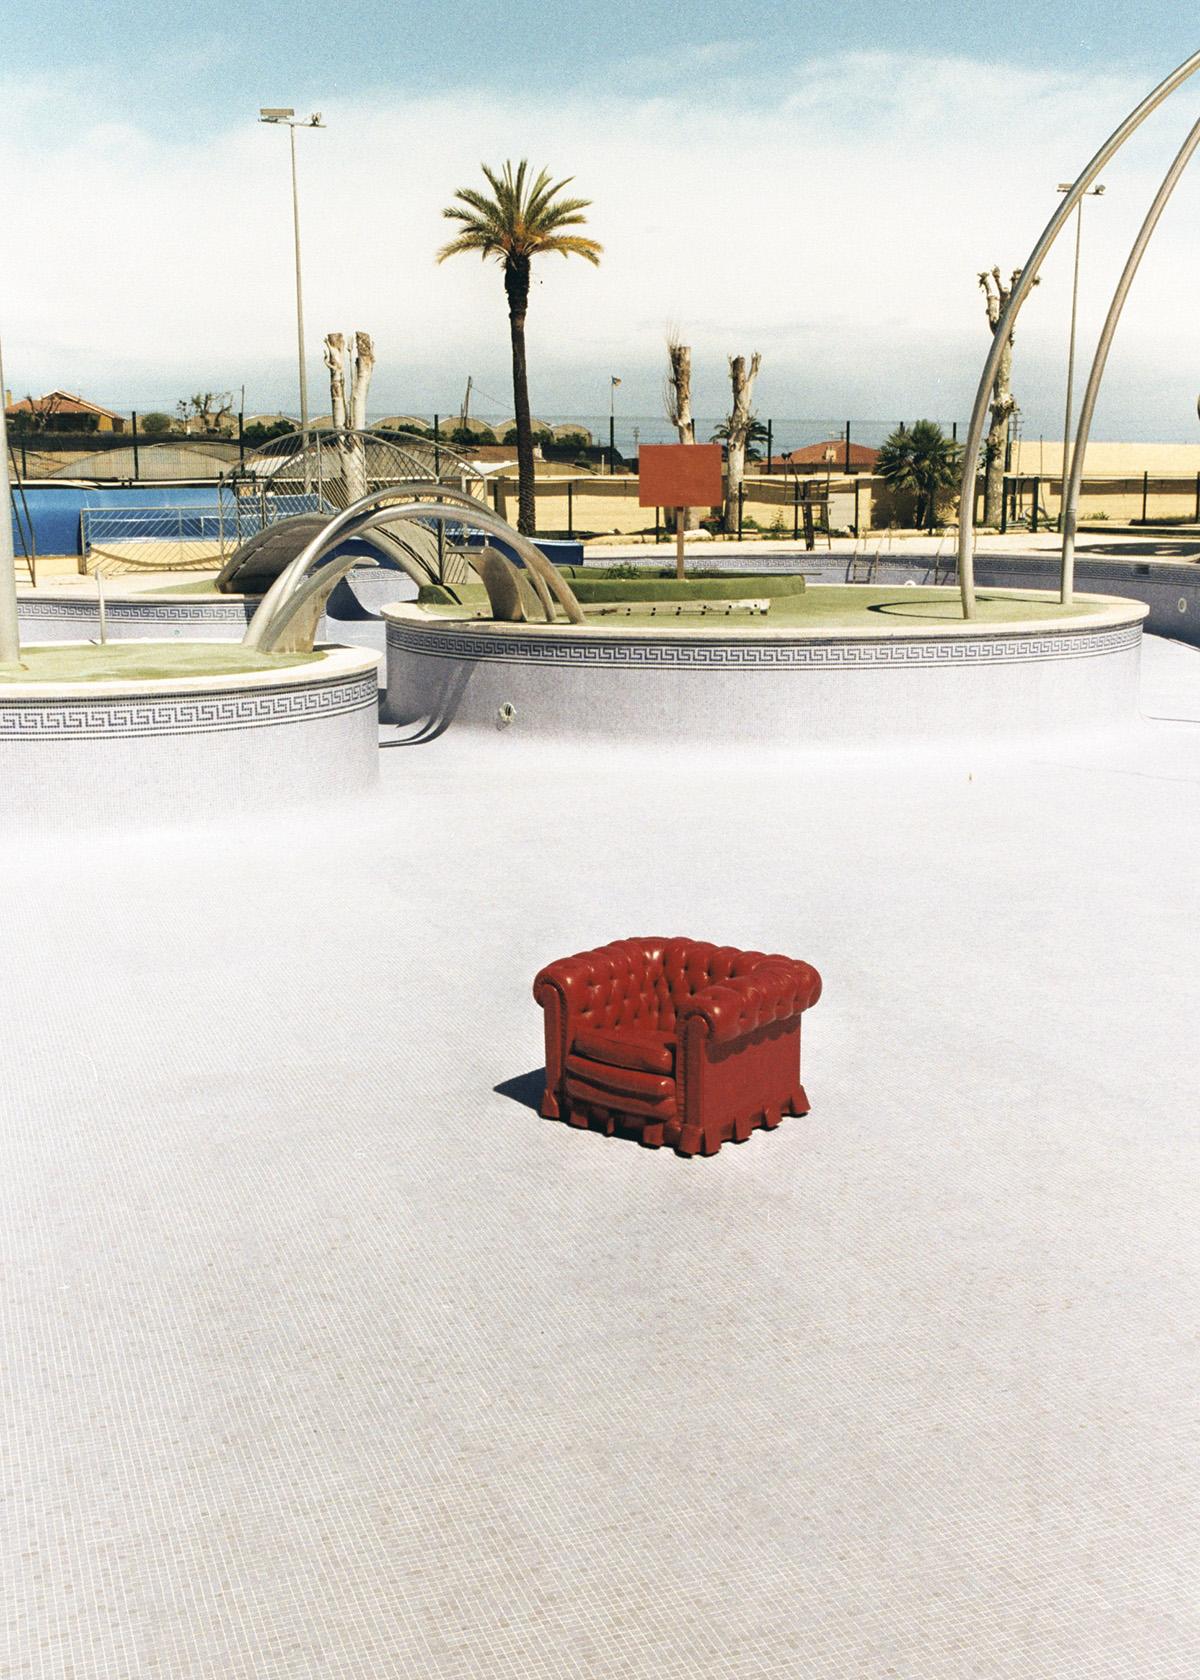 parque acuatico, sillon, abandono